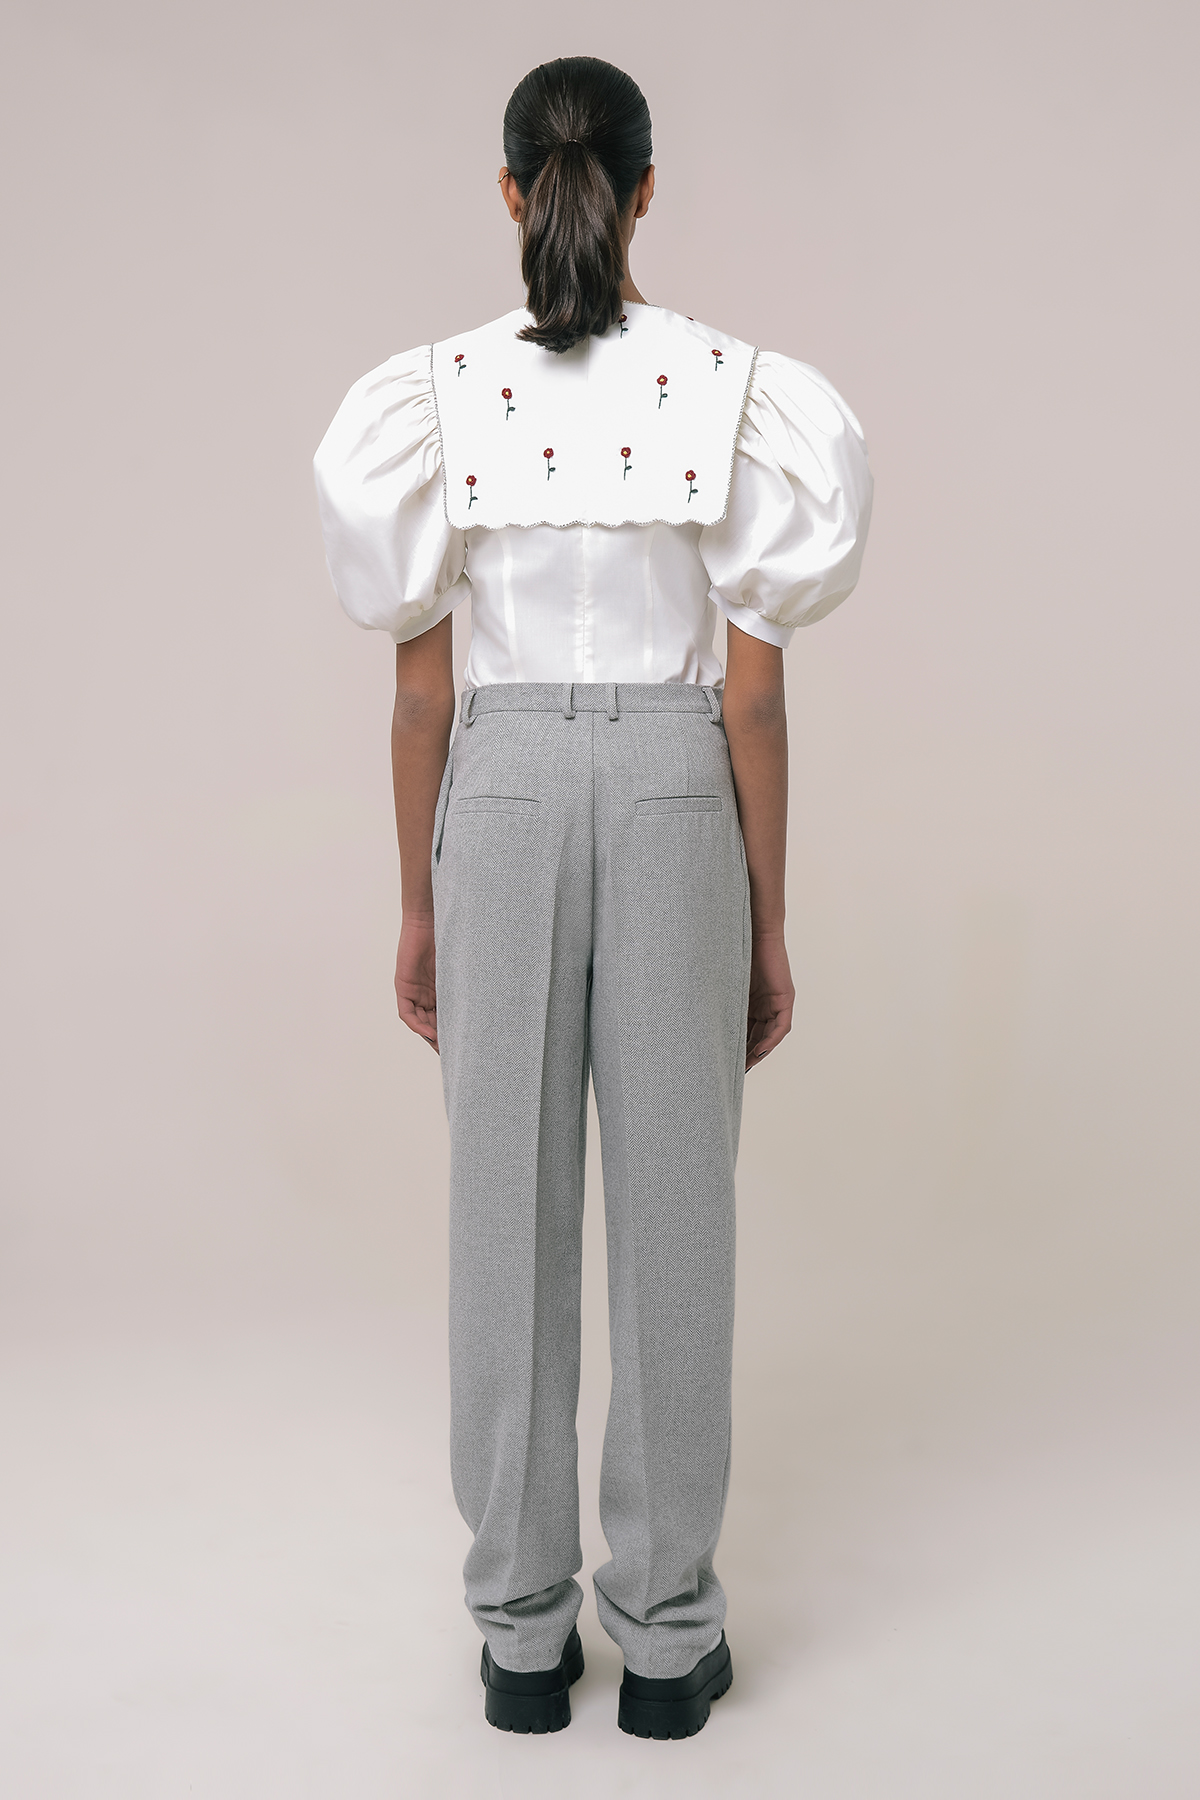 Men's style tweed pants 2